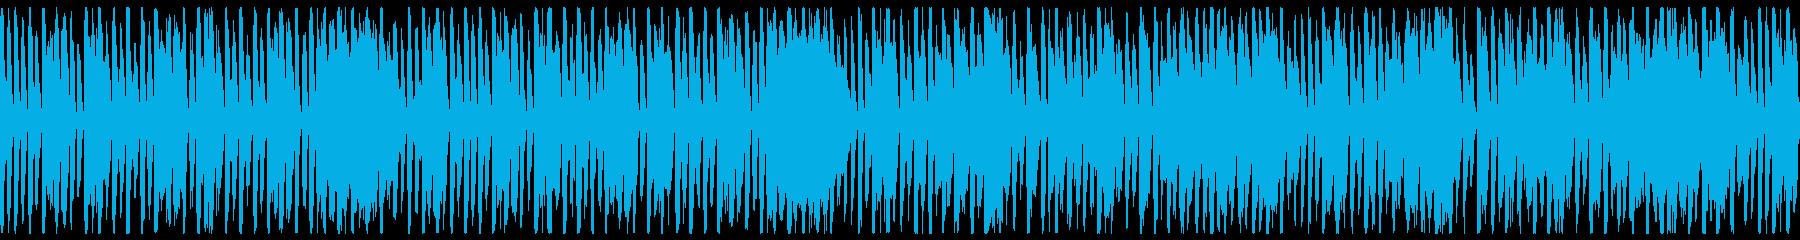 お洒落レトロ感エレクトロスイング(ループの再生済みの波形